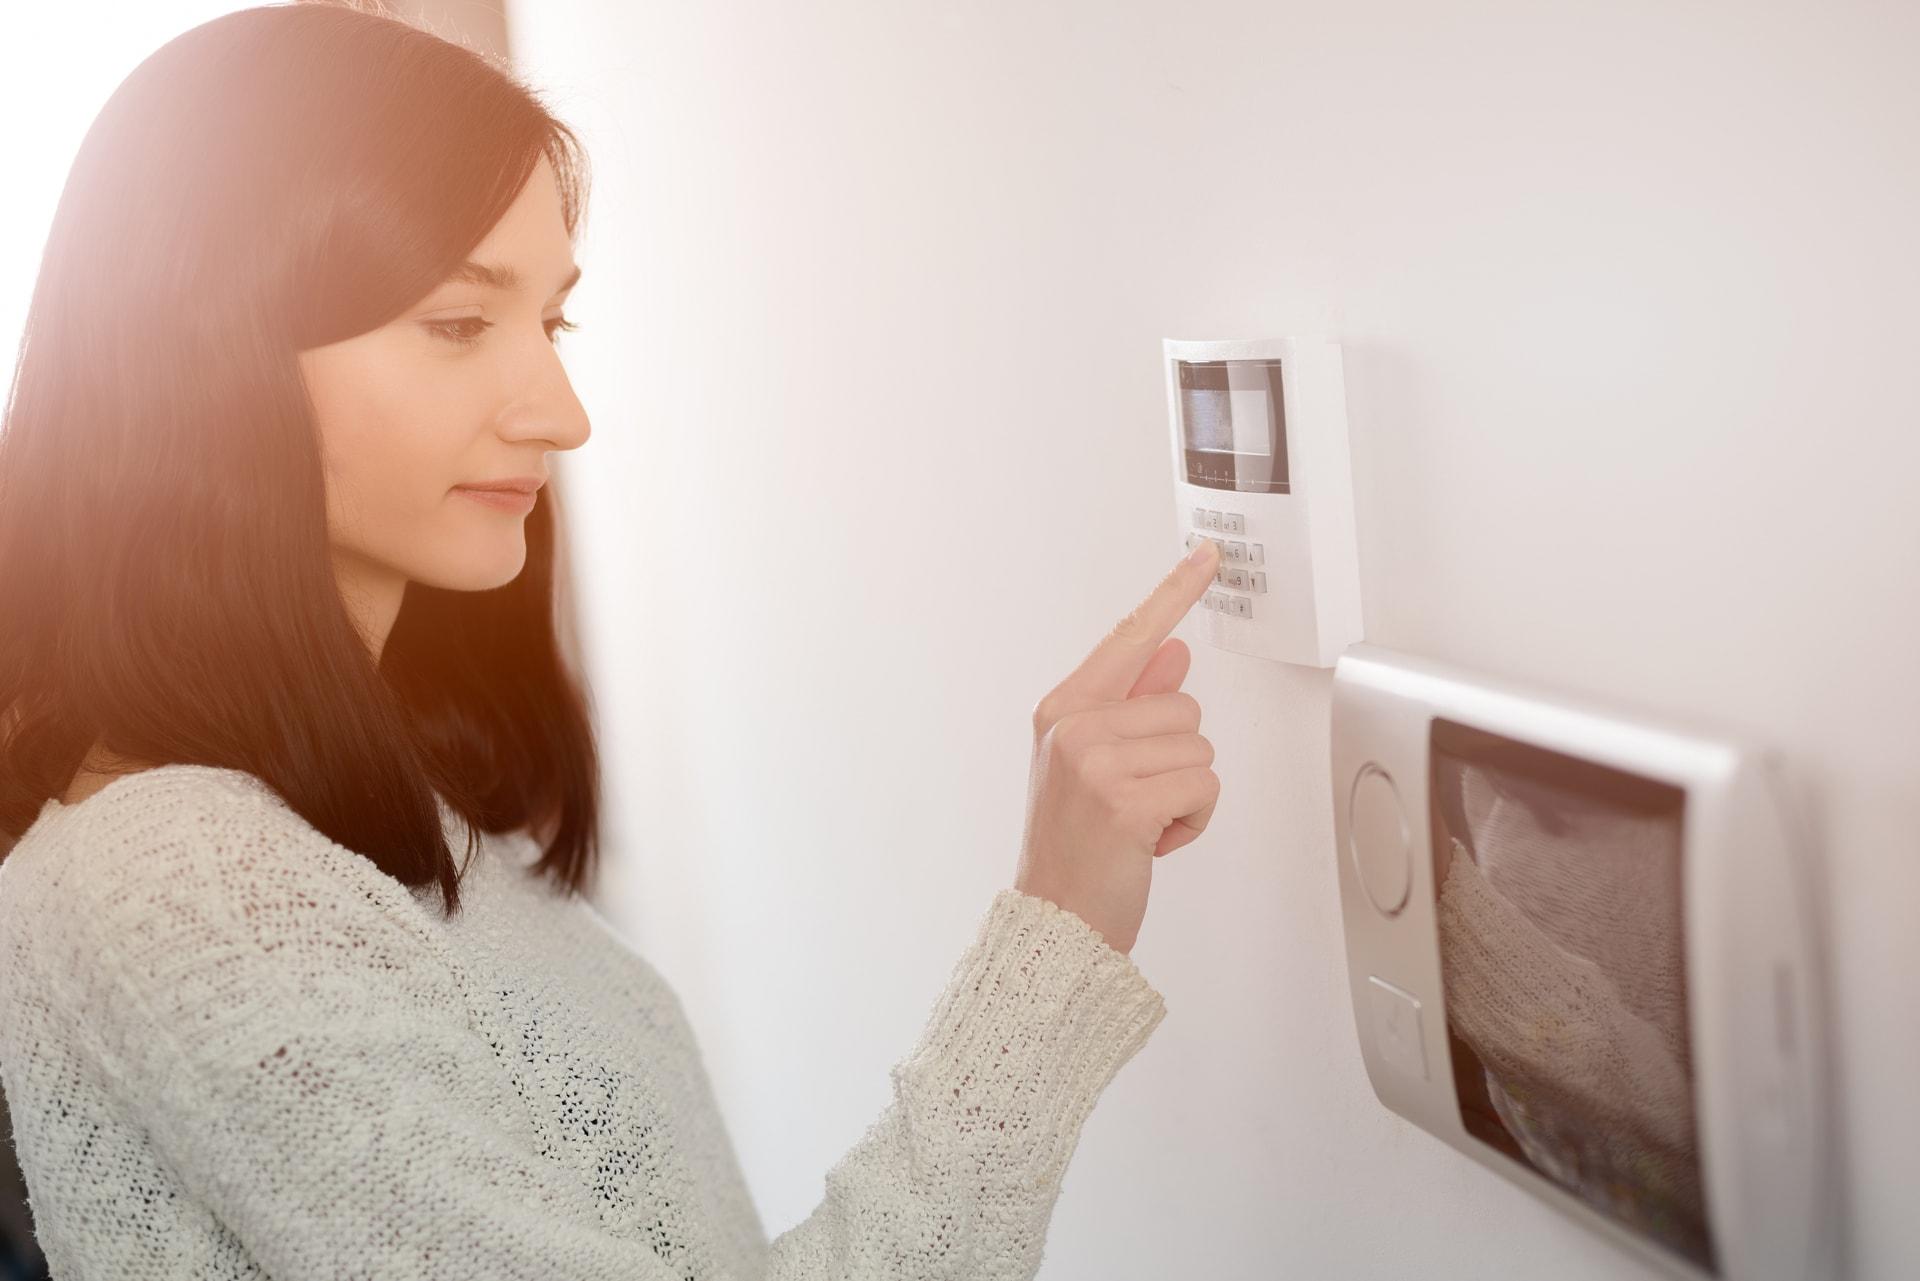 Jonge vrouw geeft alarmcode in naast videofonie in een geïntegreerd systeem van GW Security Group